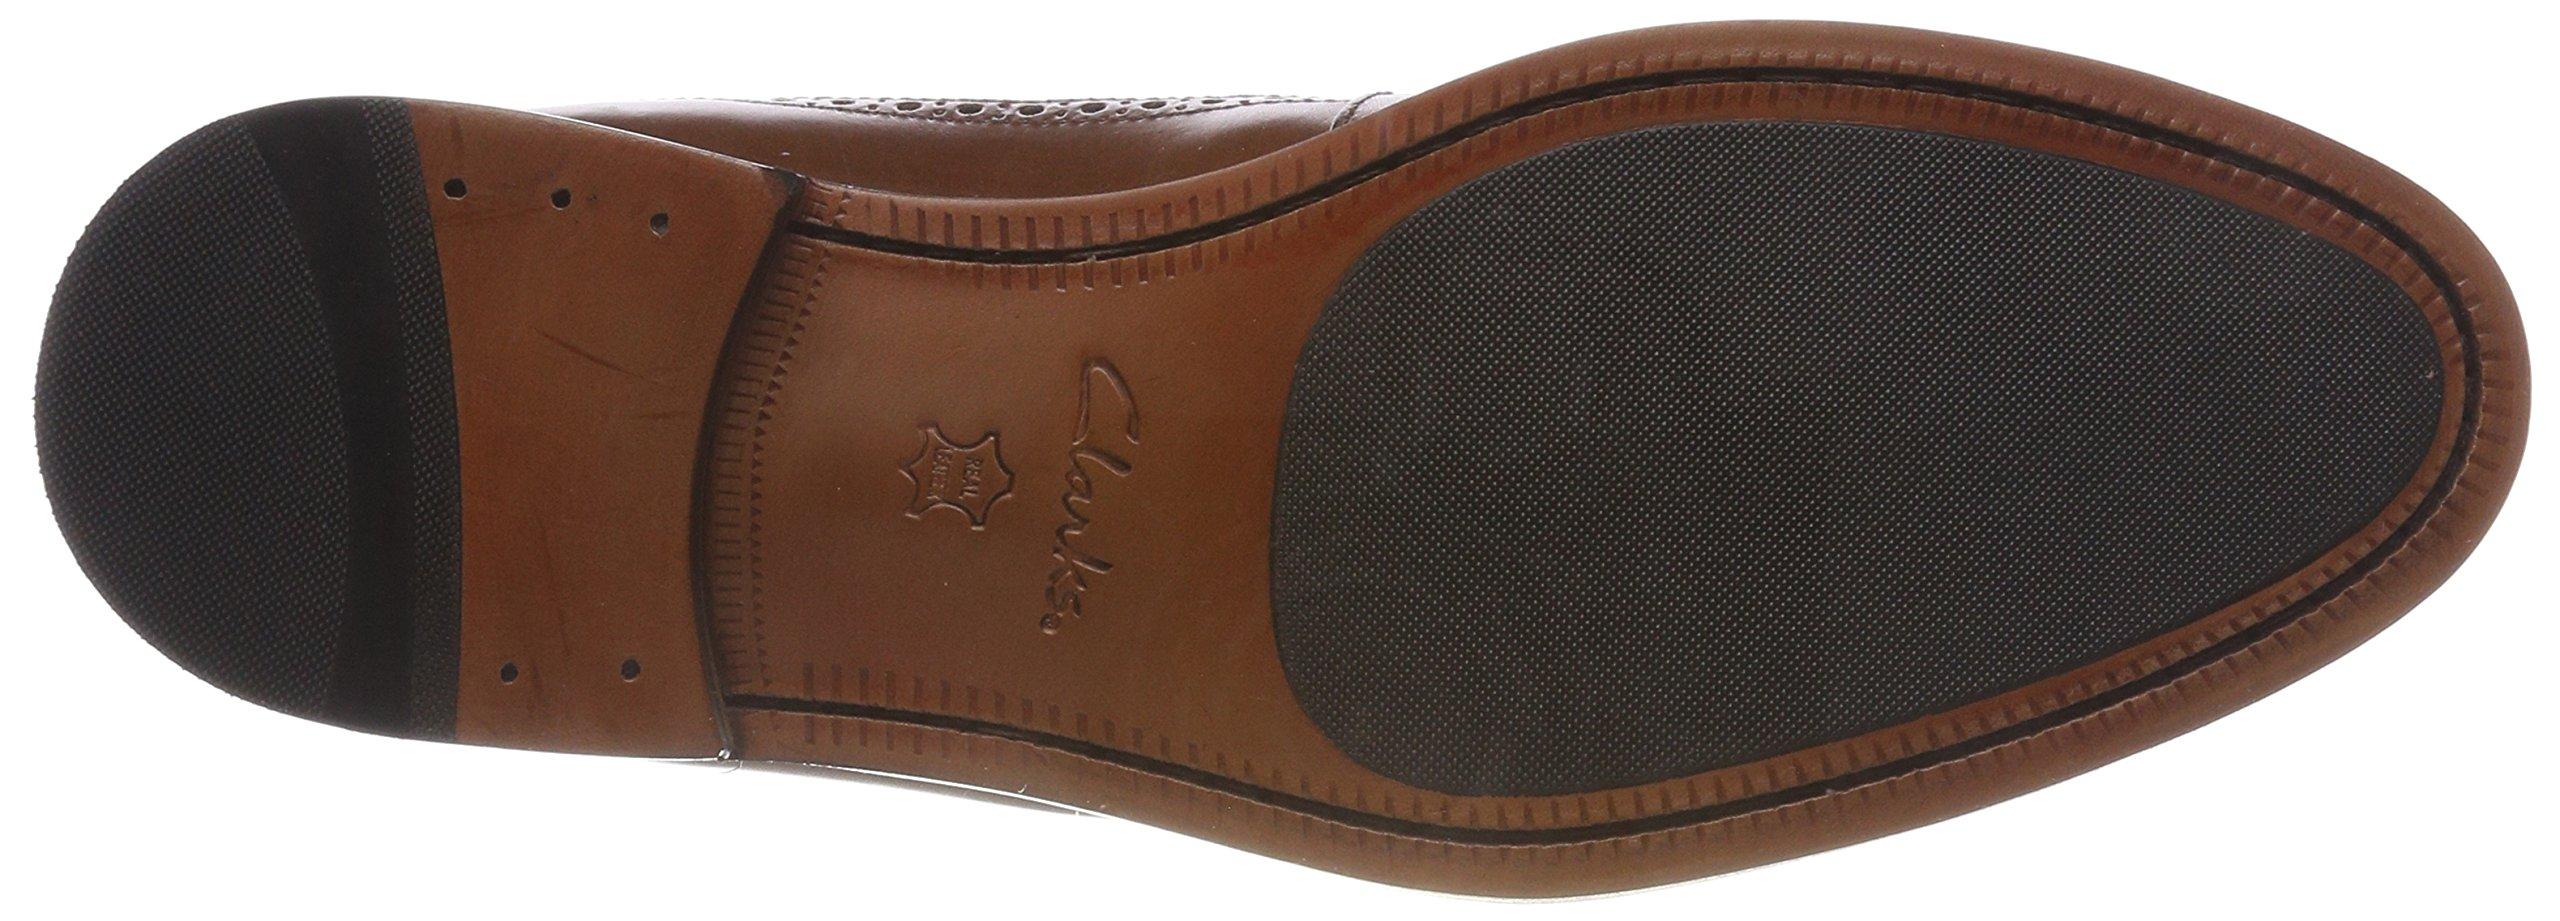 Clarks Coling Limit, Zapatos de Cordones Brogue Hombre